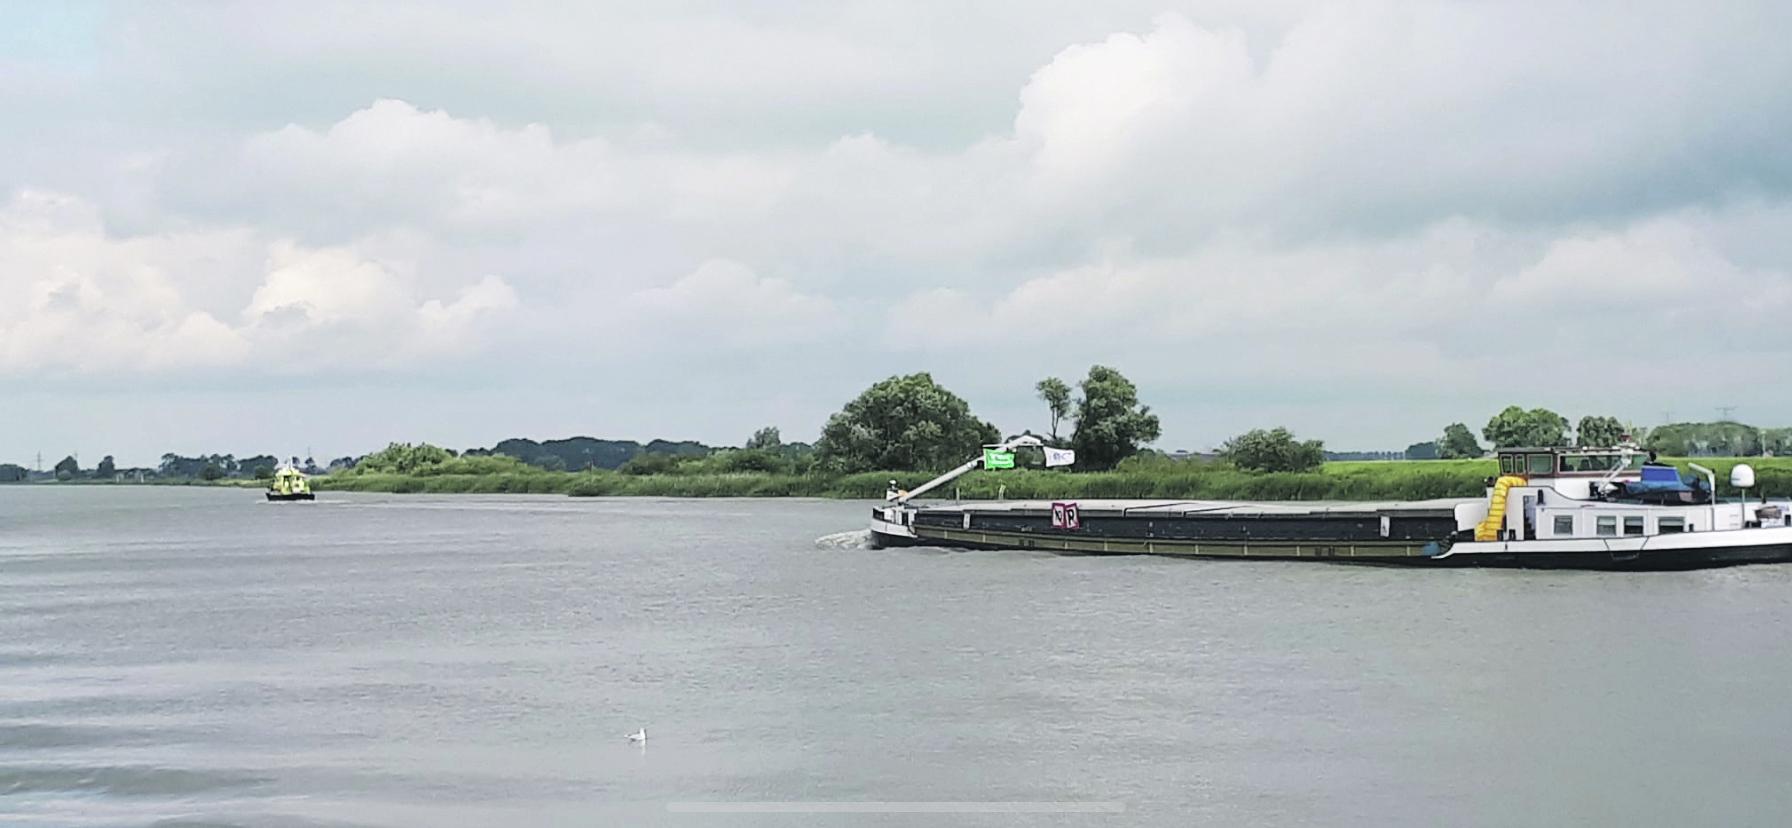 De Imatra werd op vrijdag 6 augustus door Rijkswaterstaat begeleid richting het IJsseloog. Foto Jan Veldman